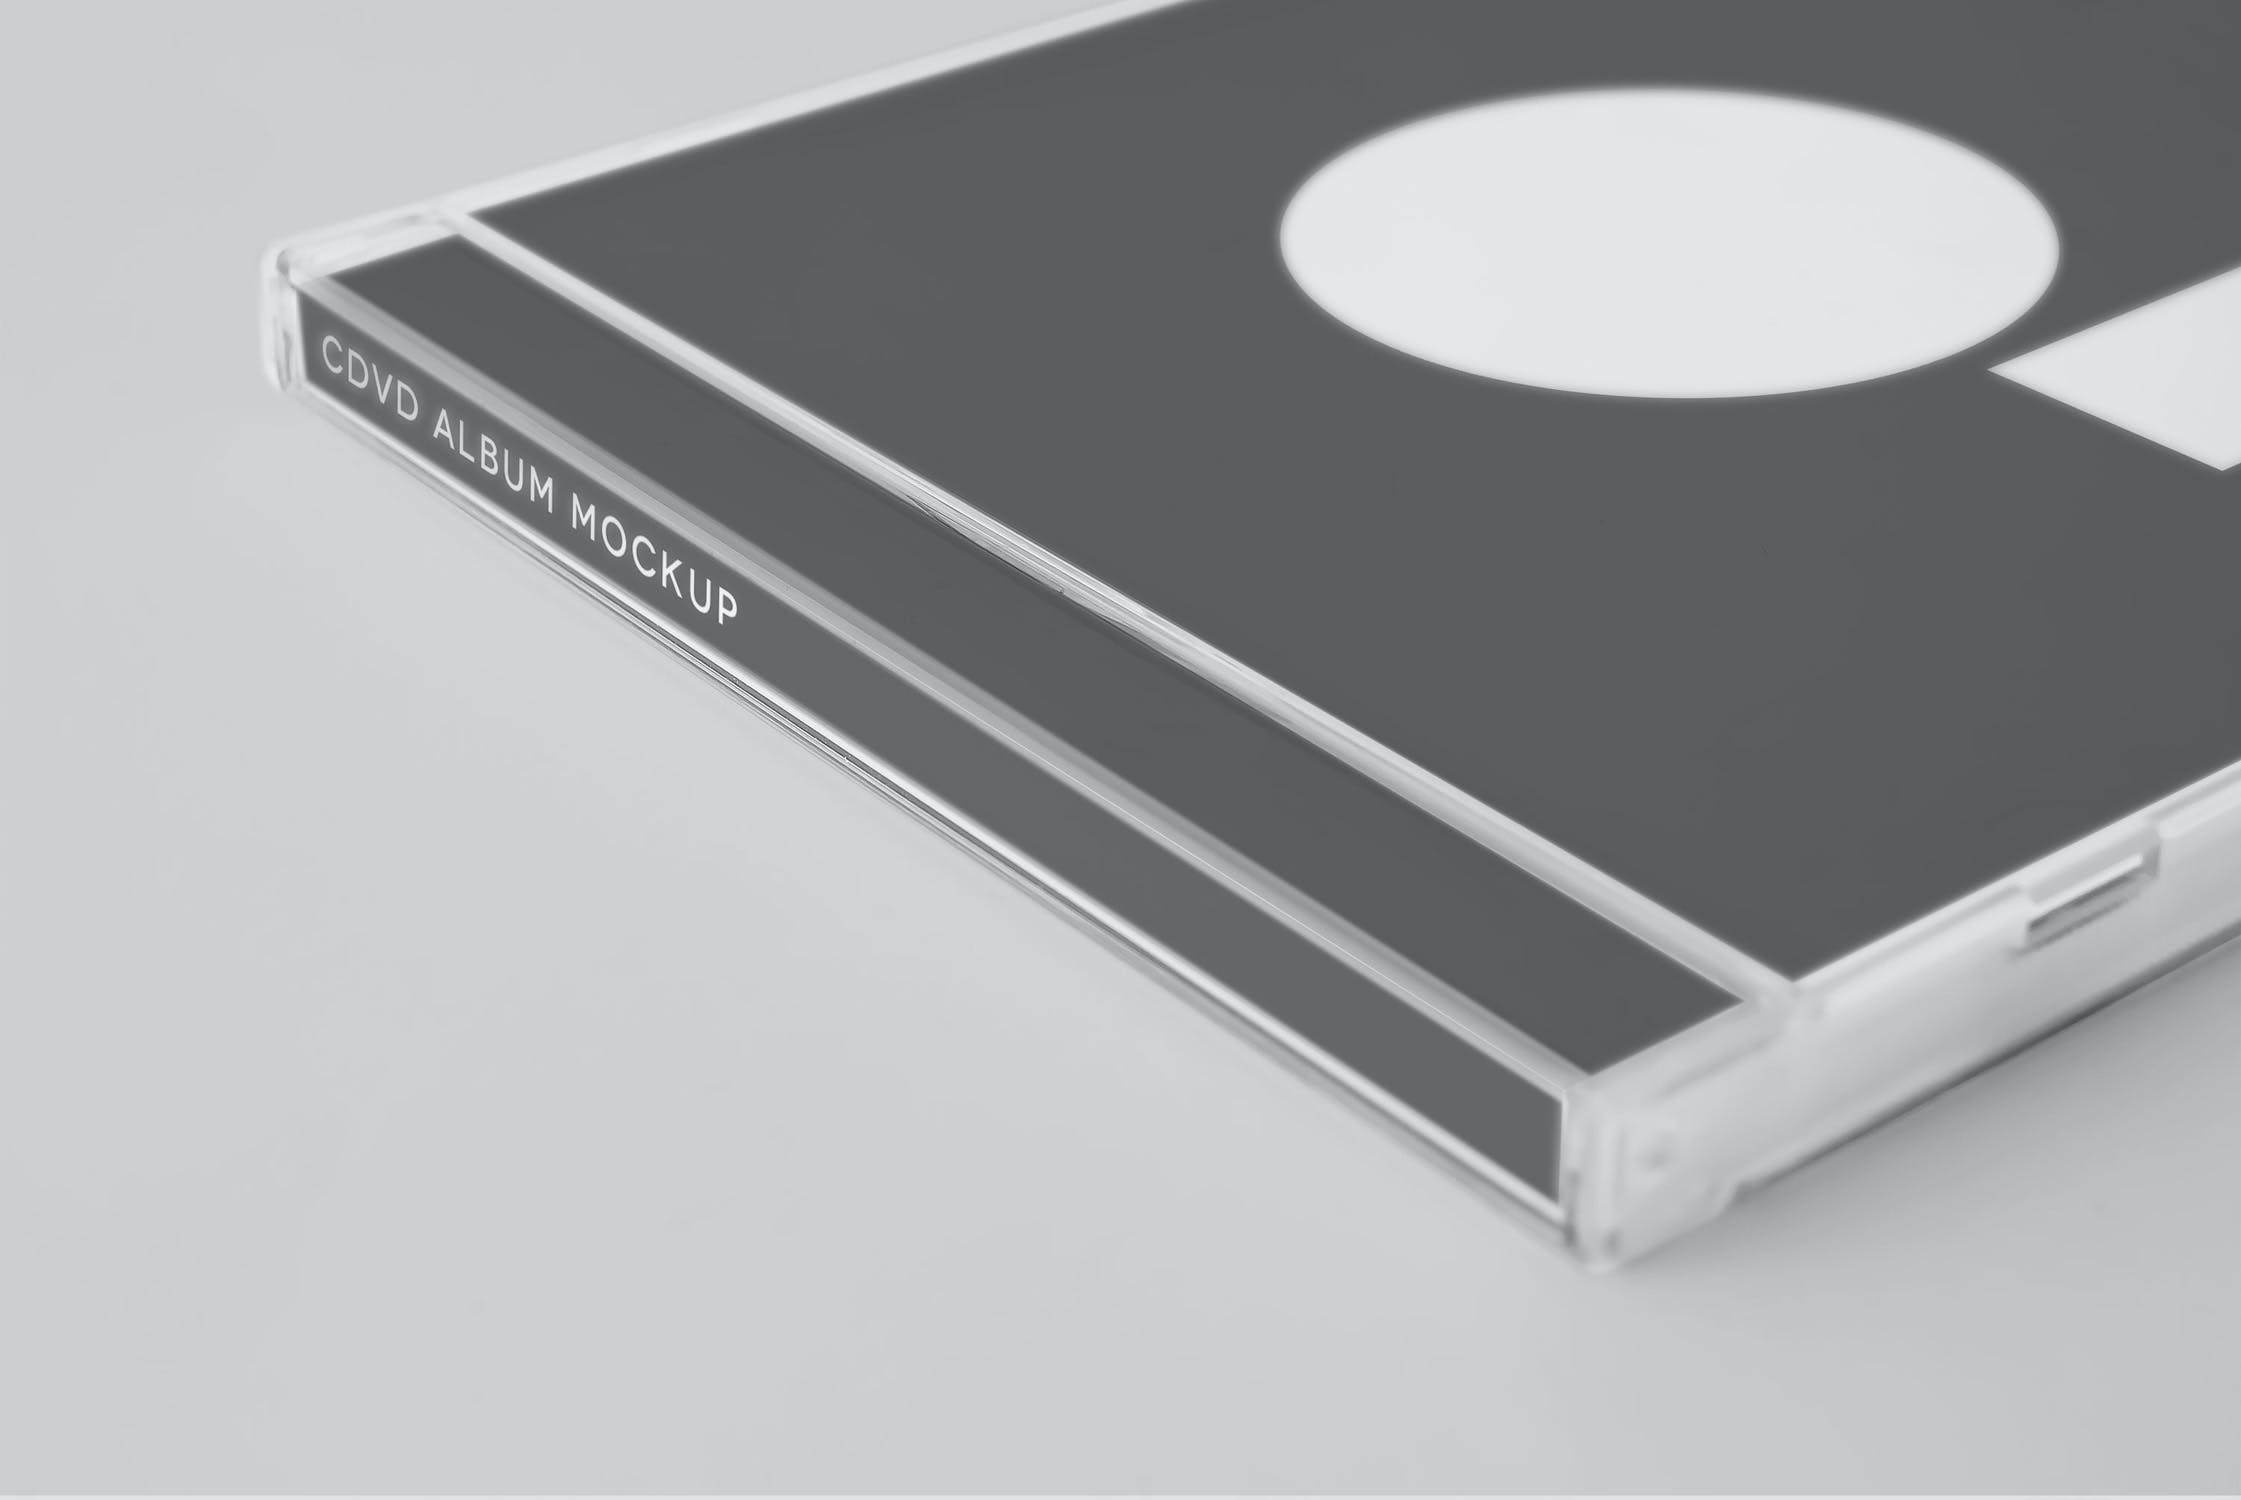 11款逼真CD/DVD包装盒设计展示样机模板 CD/DVD Album Mockup插图(3)